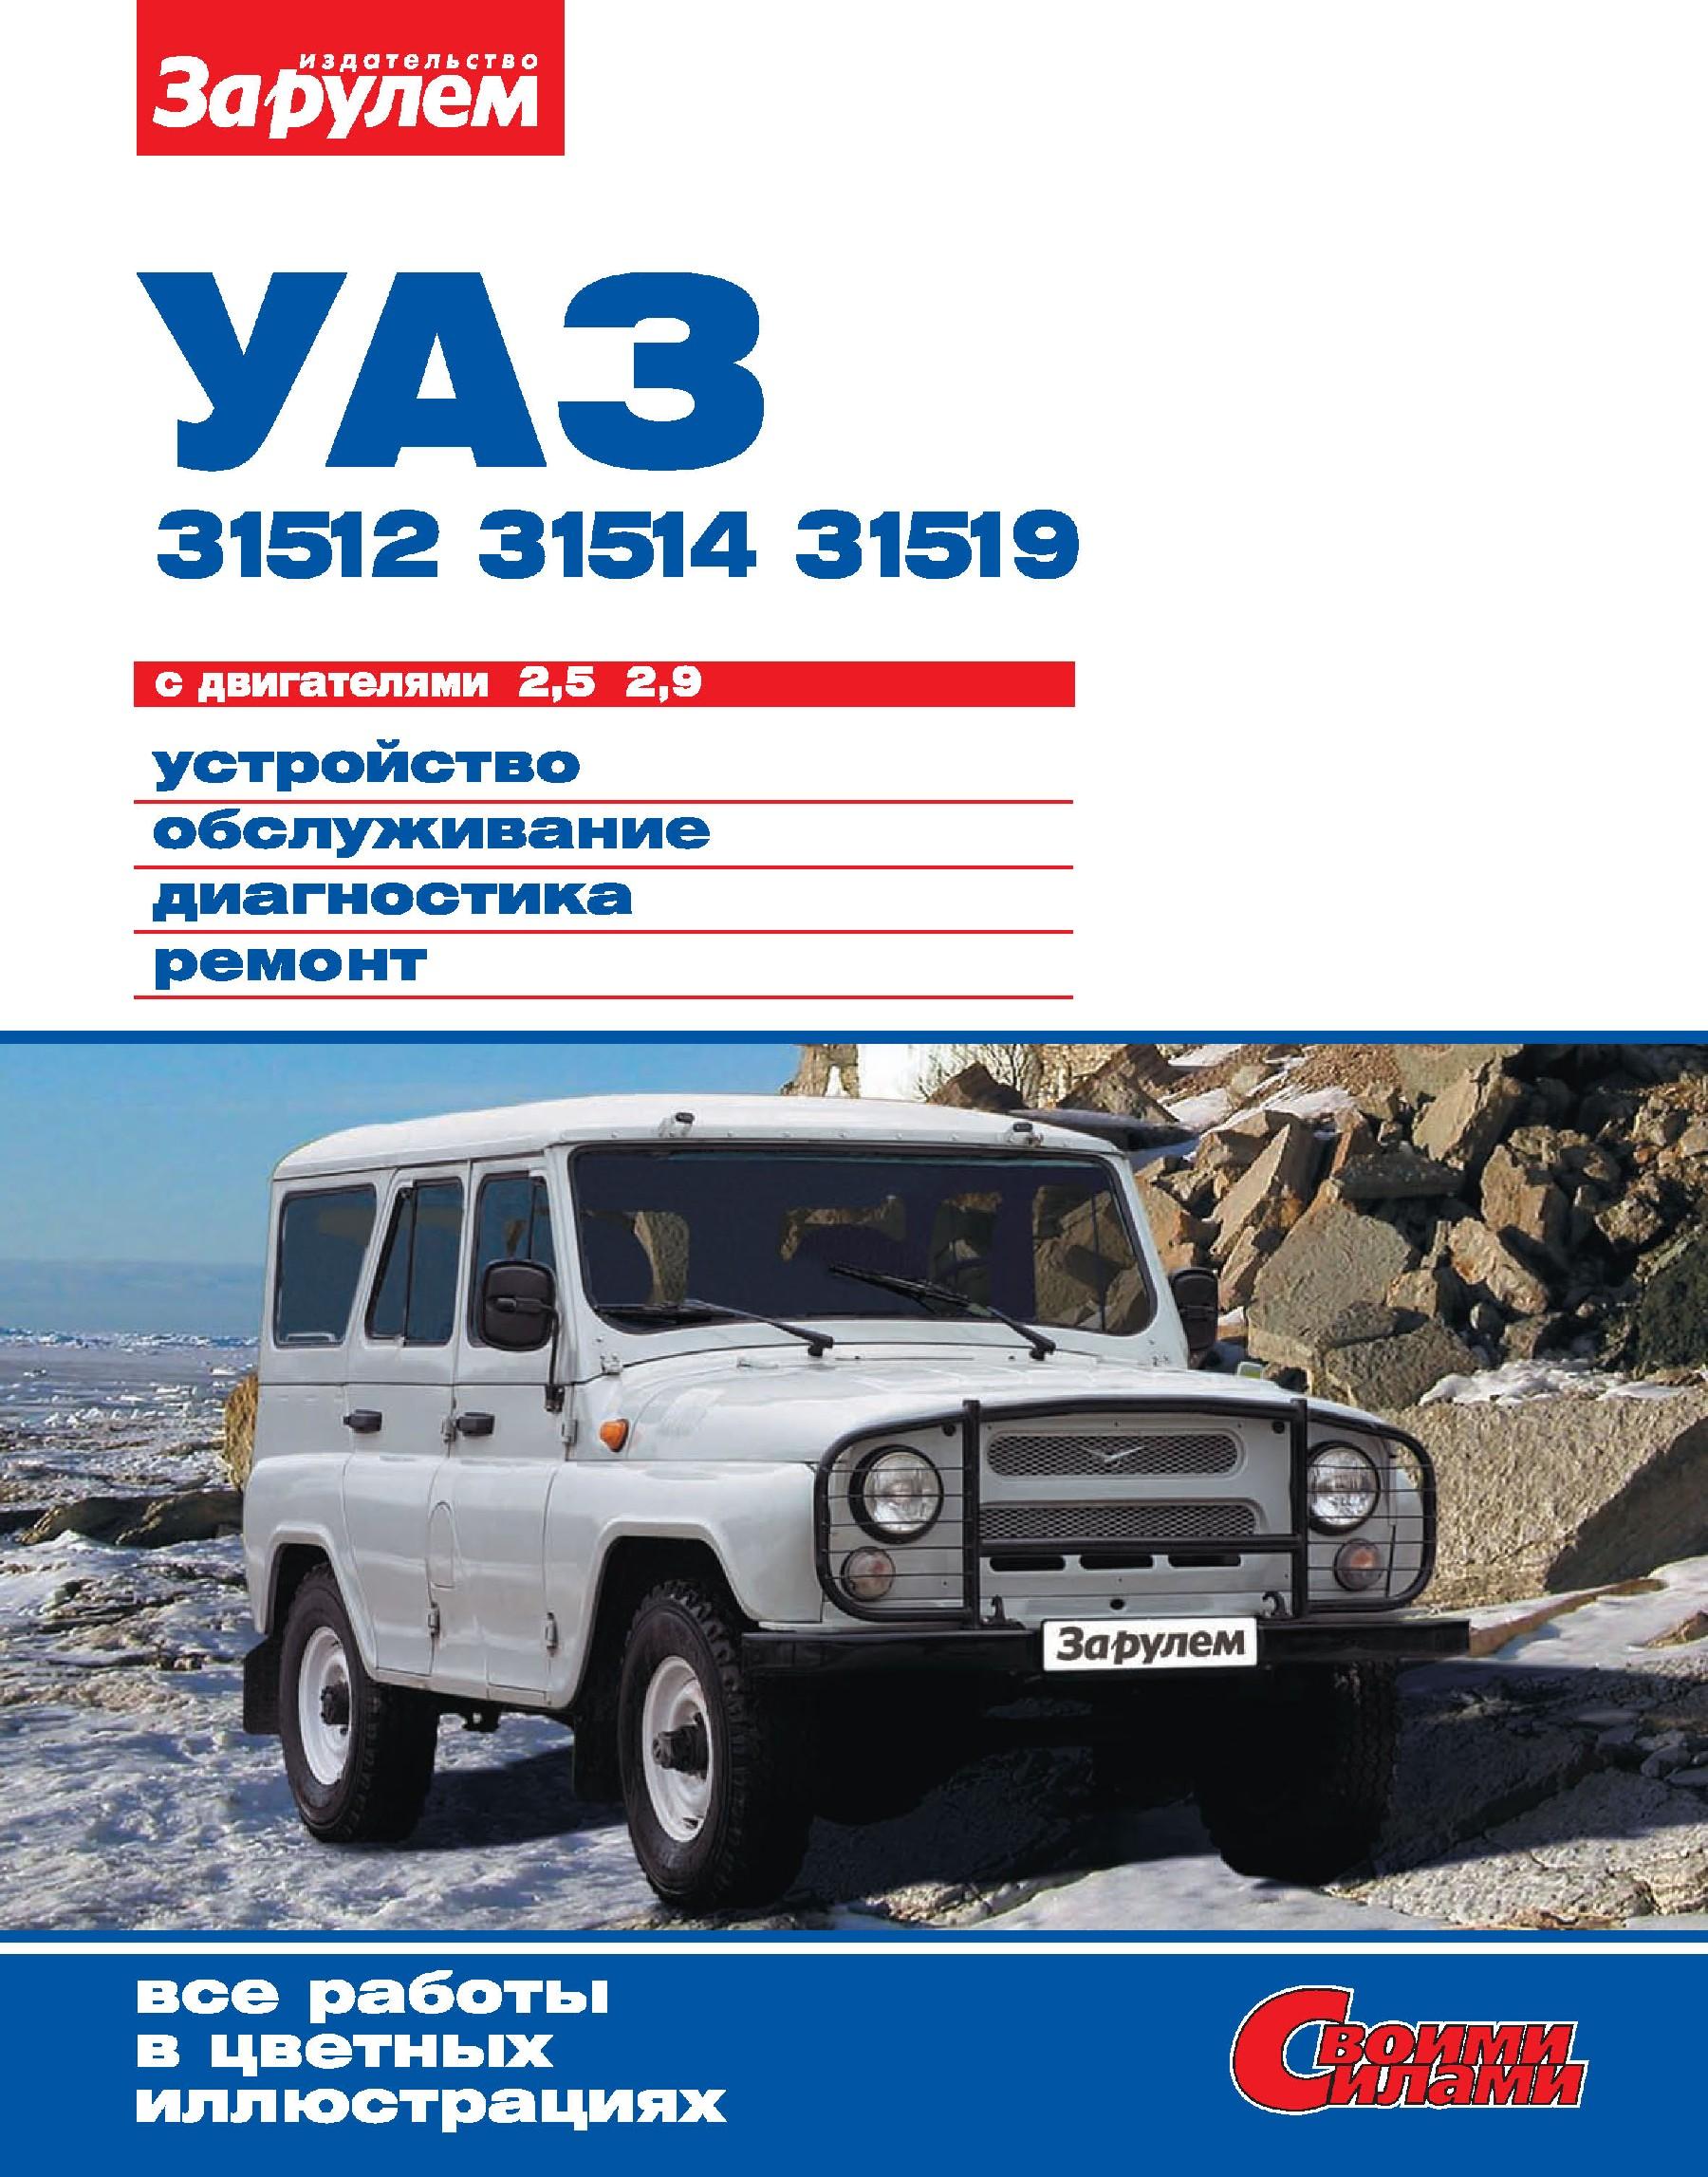 УАЗ-31512, -31514, -31519 с двигателями 2,5; 2,9. Устройство, обслуживание, диагностика, ремонт. Иллюстрированное руководство